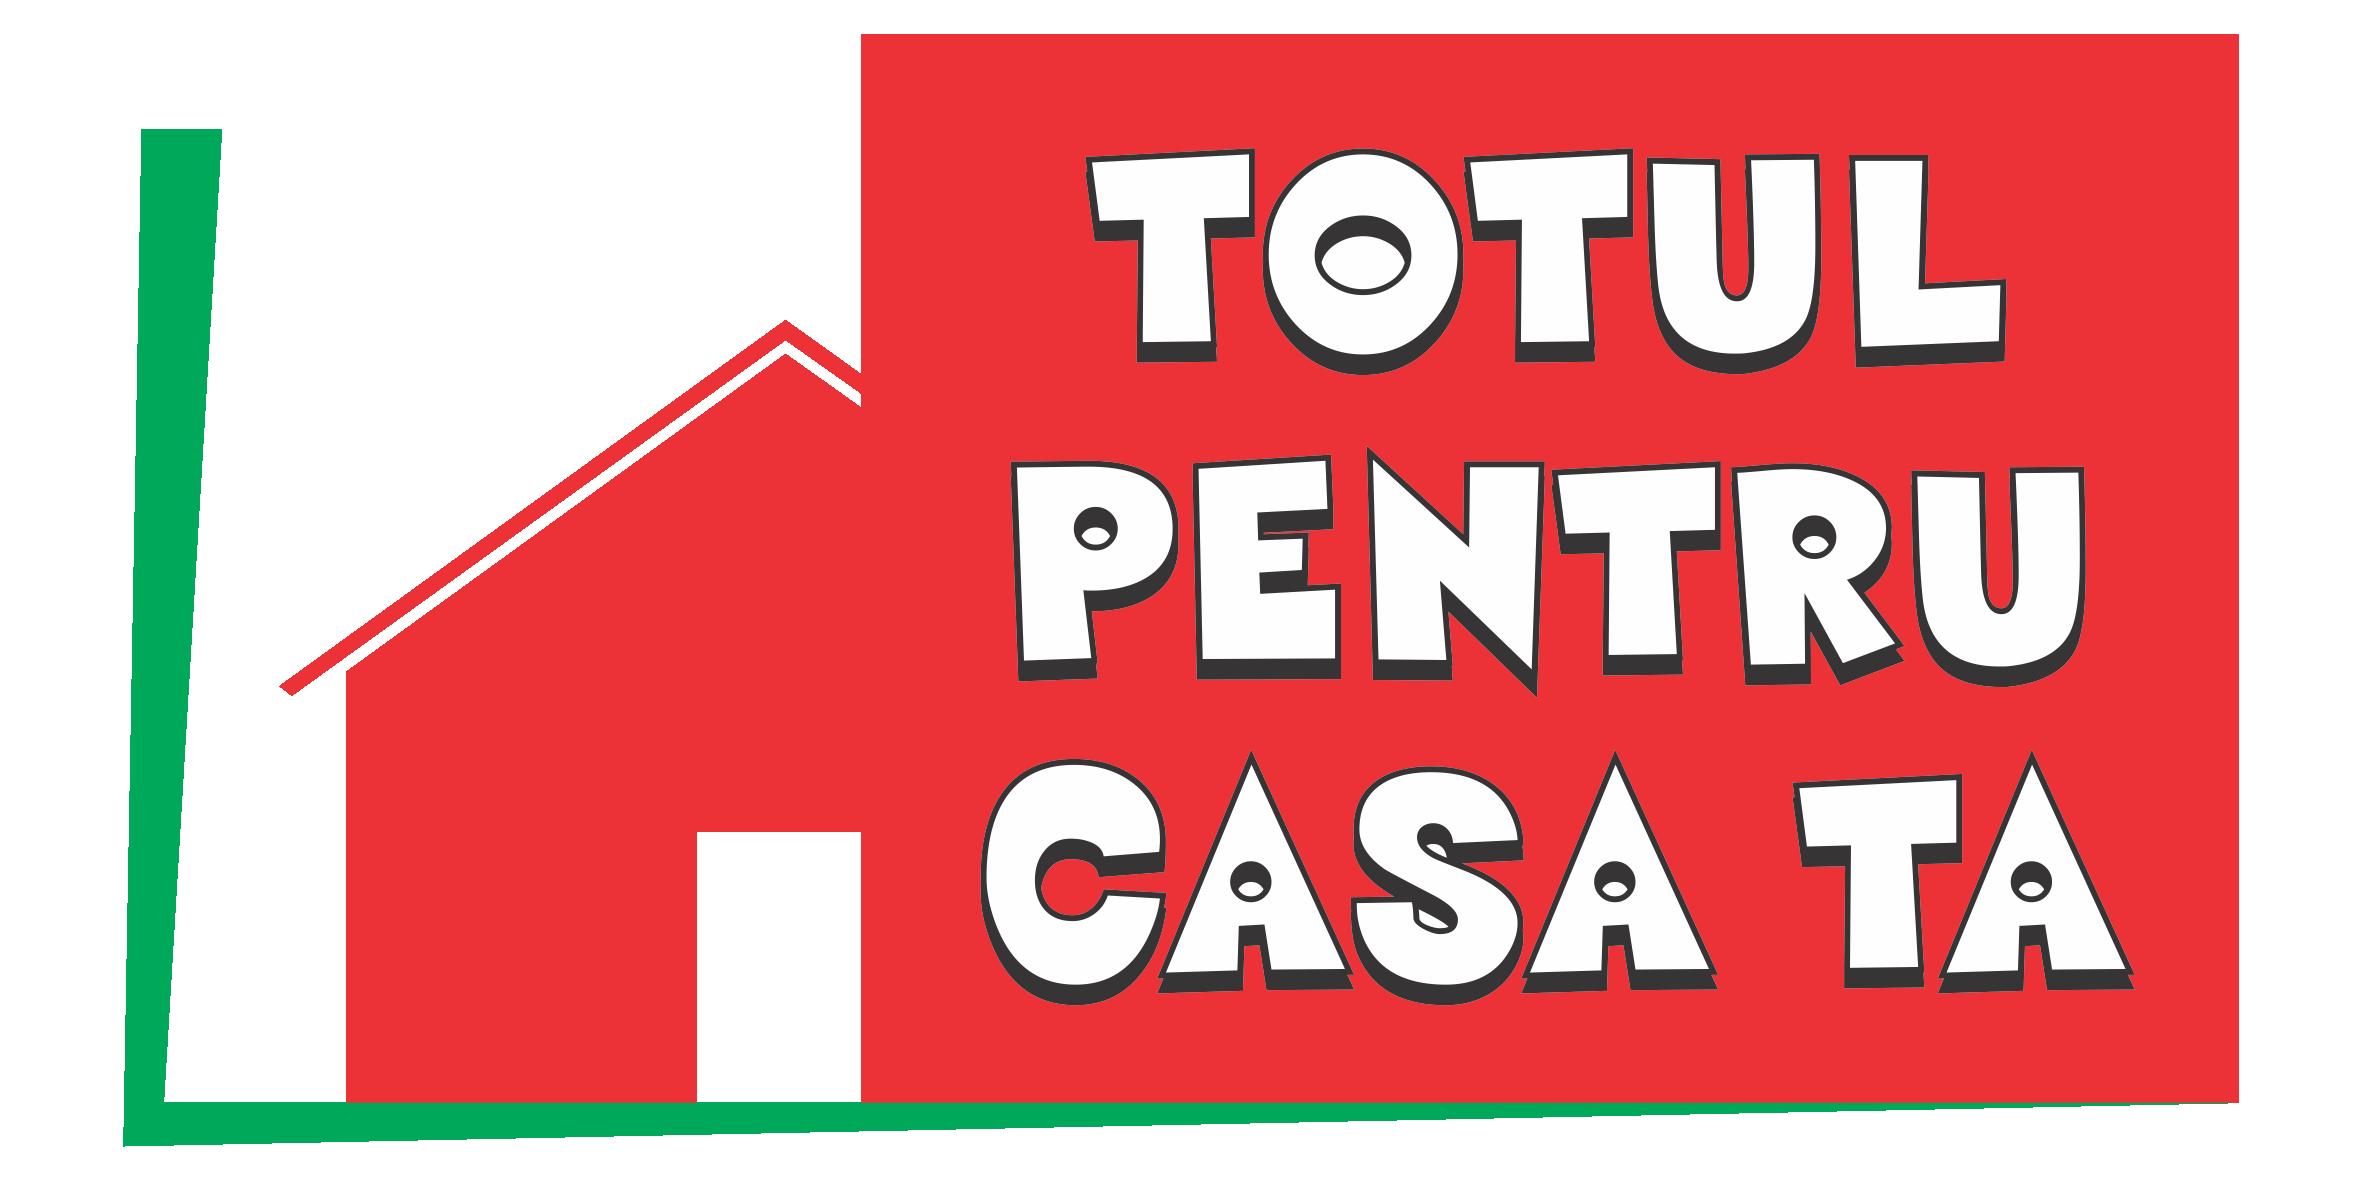 TOTUL PENTRU CASA TA